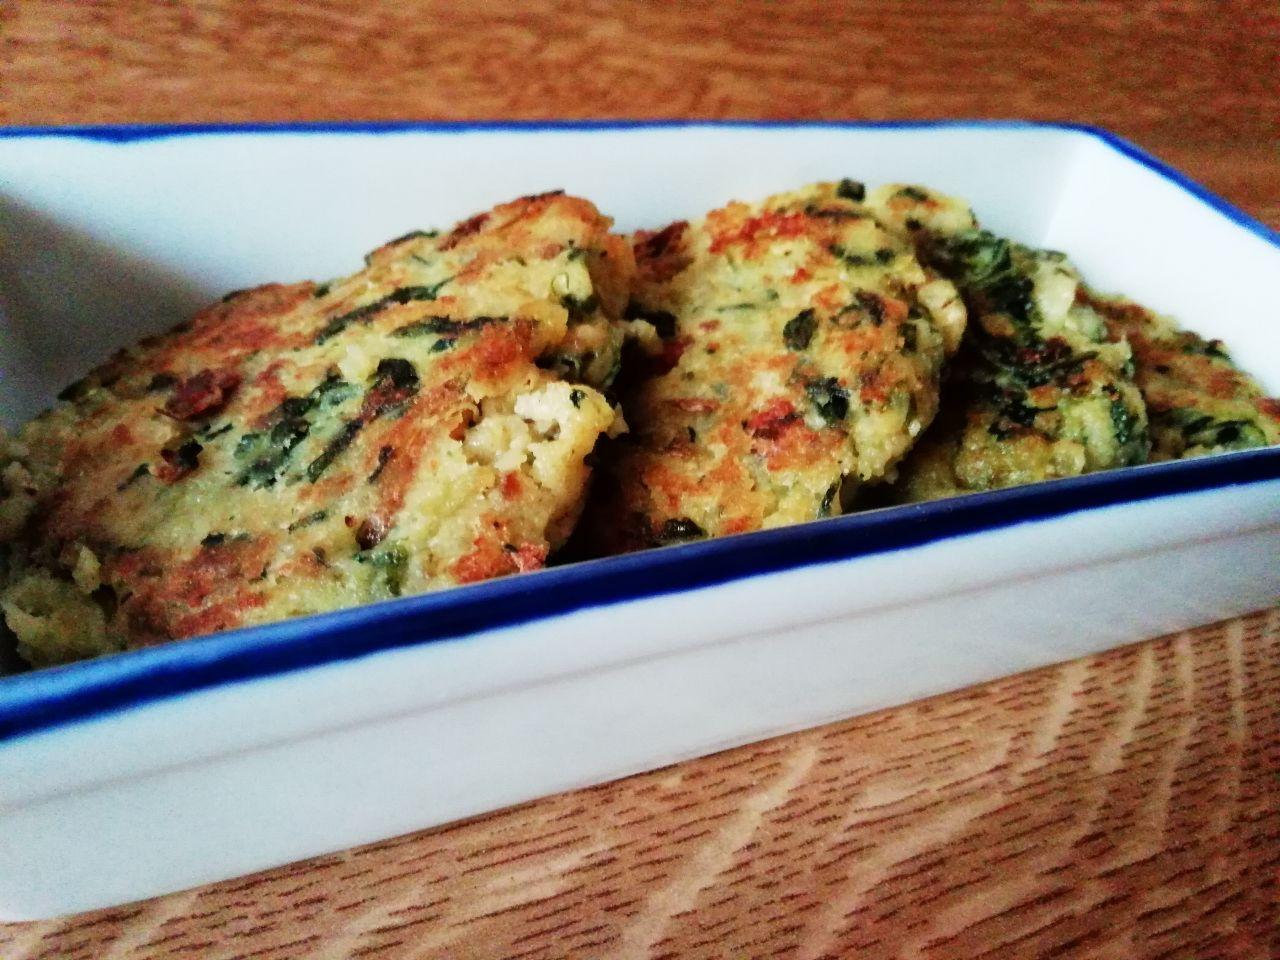 Antipasti vegetariani: frittelle di patate e cicorie in padella, senza latte e senza formaggio!